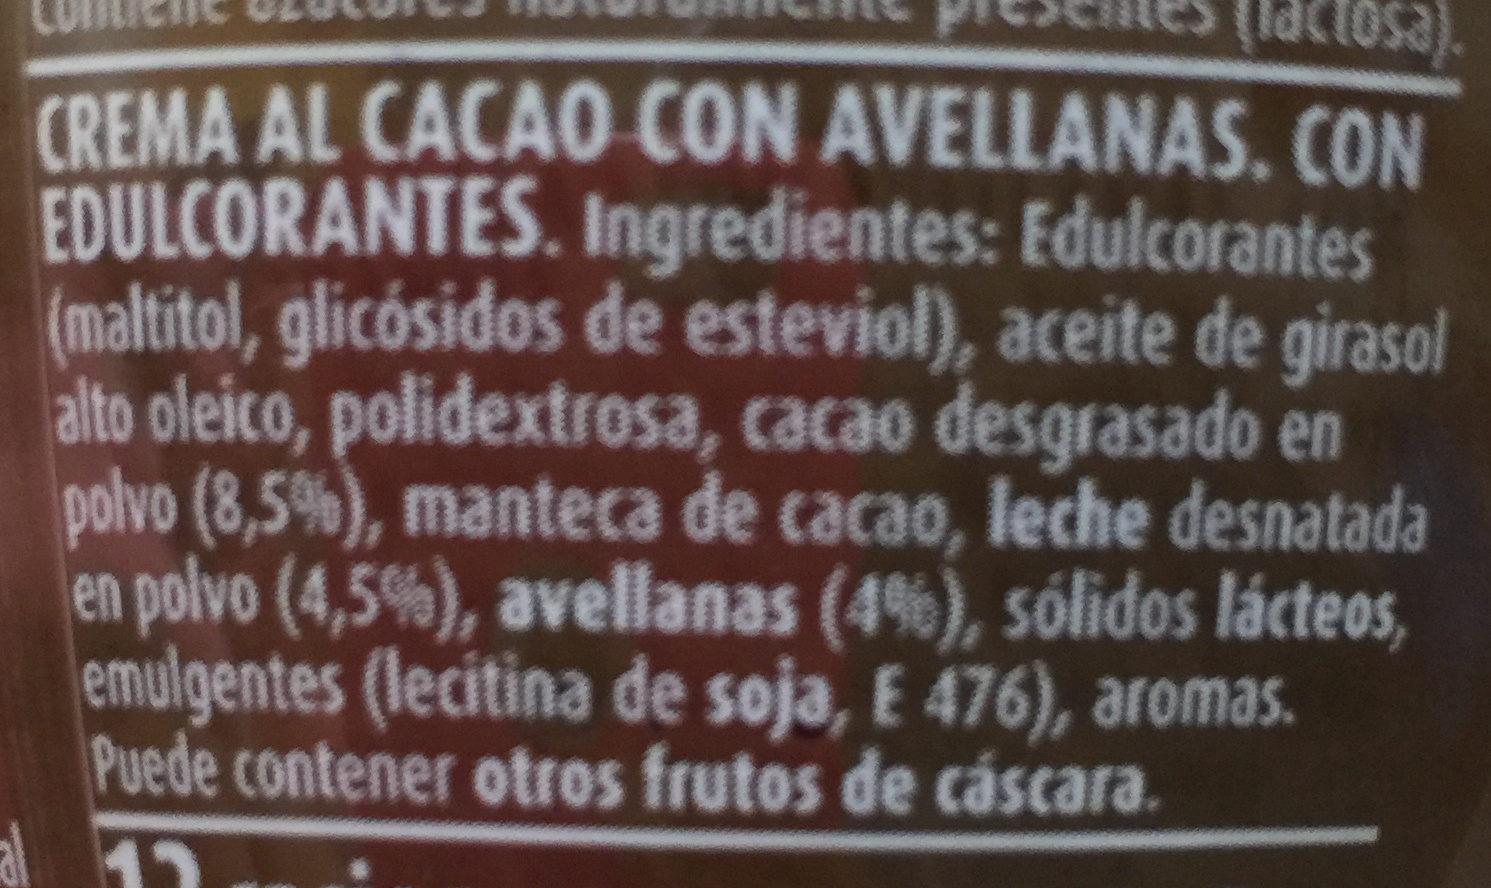 Crema de cacao - Ingrediënten - es